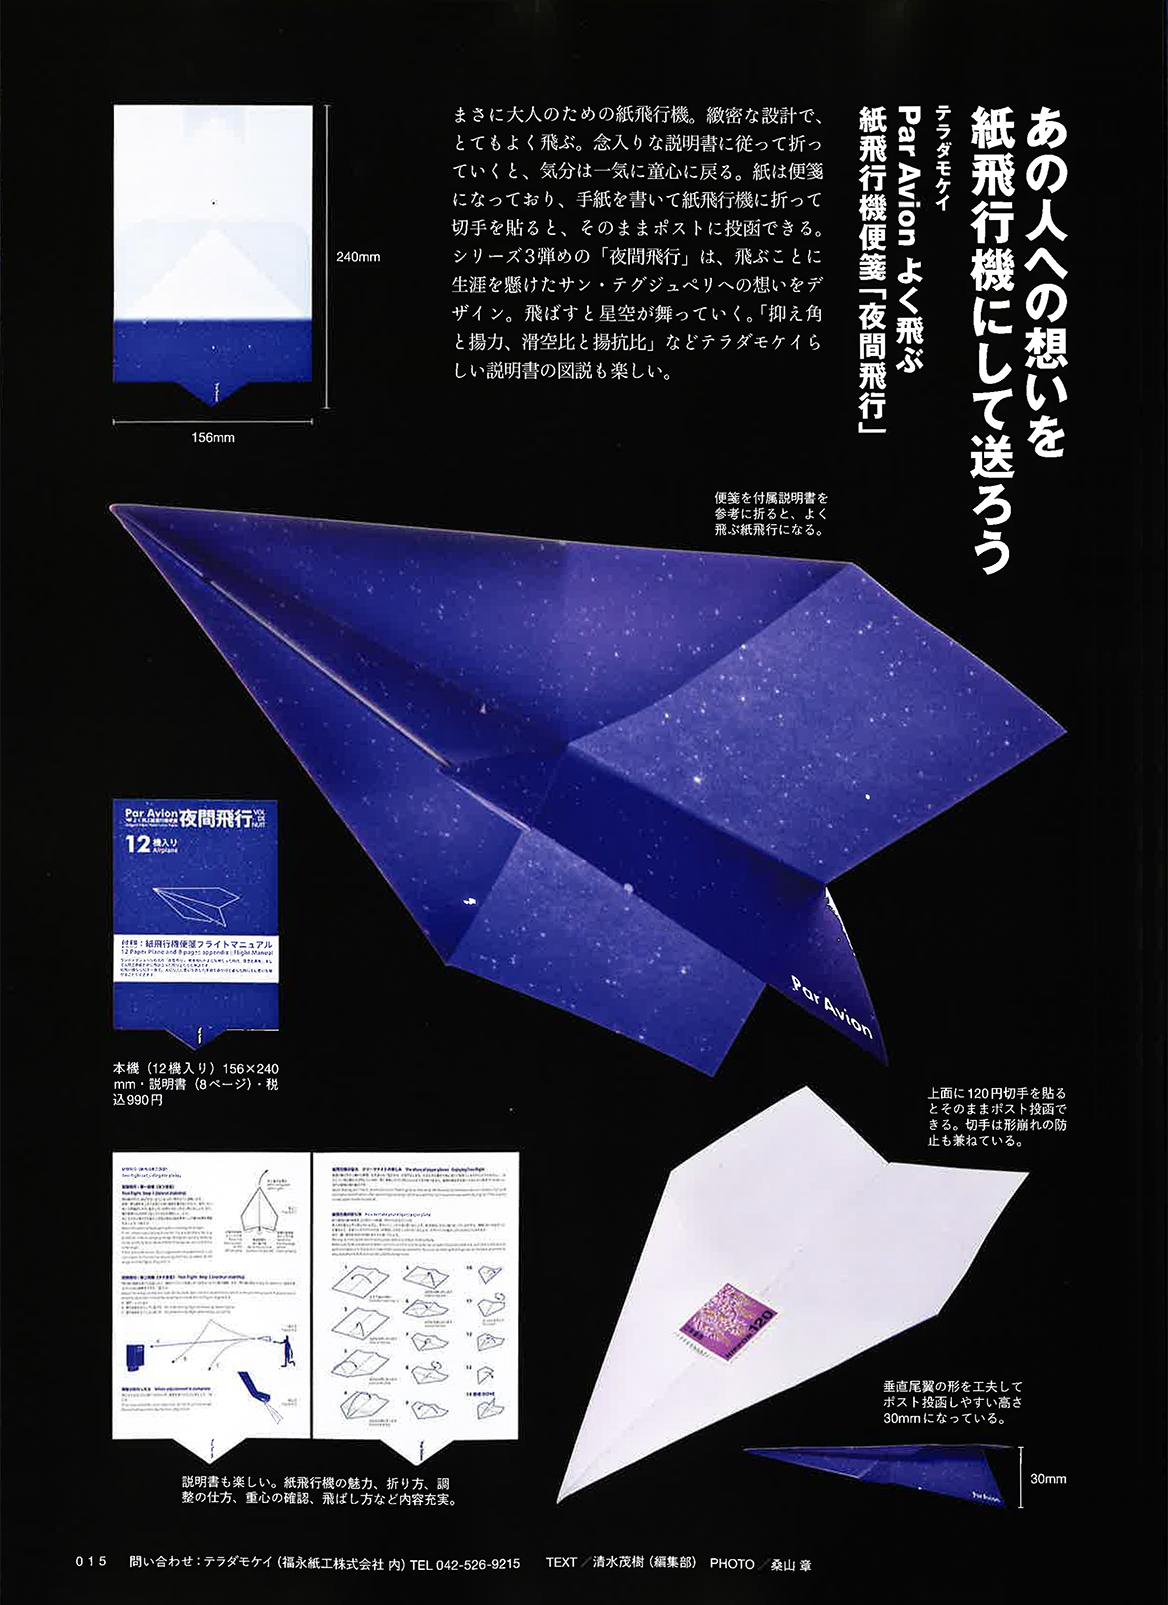 shumibun_02.jpg